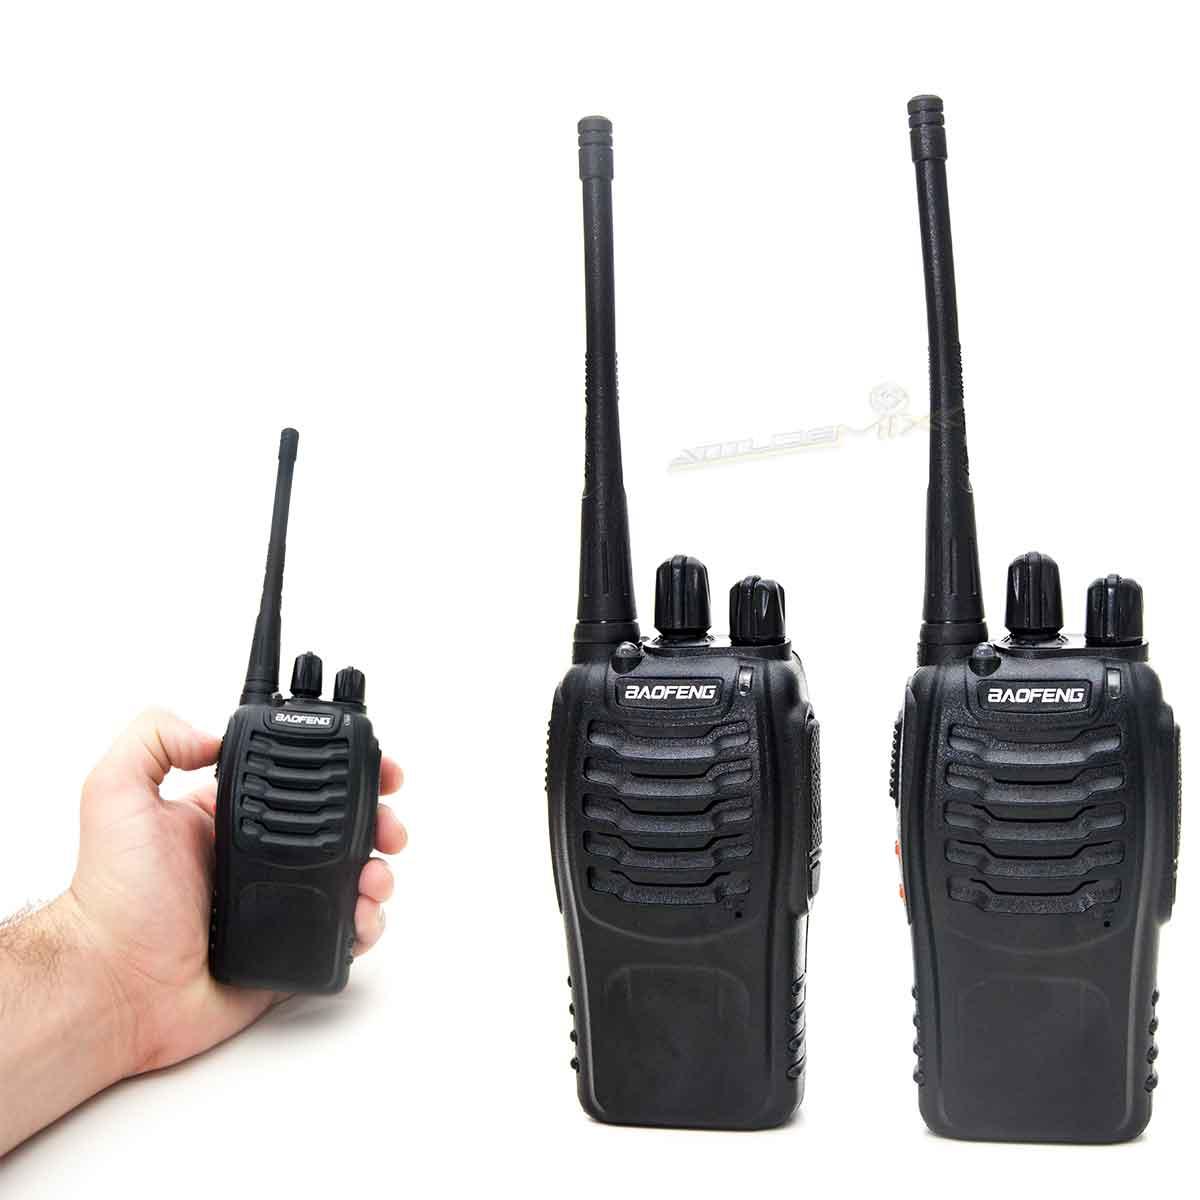 Kit 2 Rádio Comunicador Walk Talk Baofeng Bf-888s 16 Canais